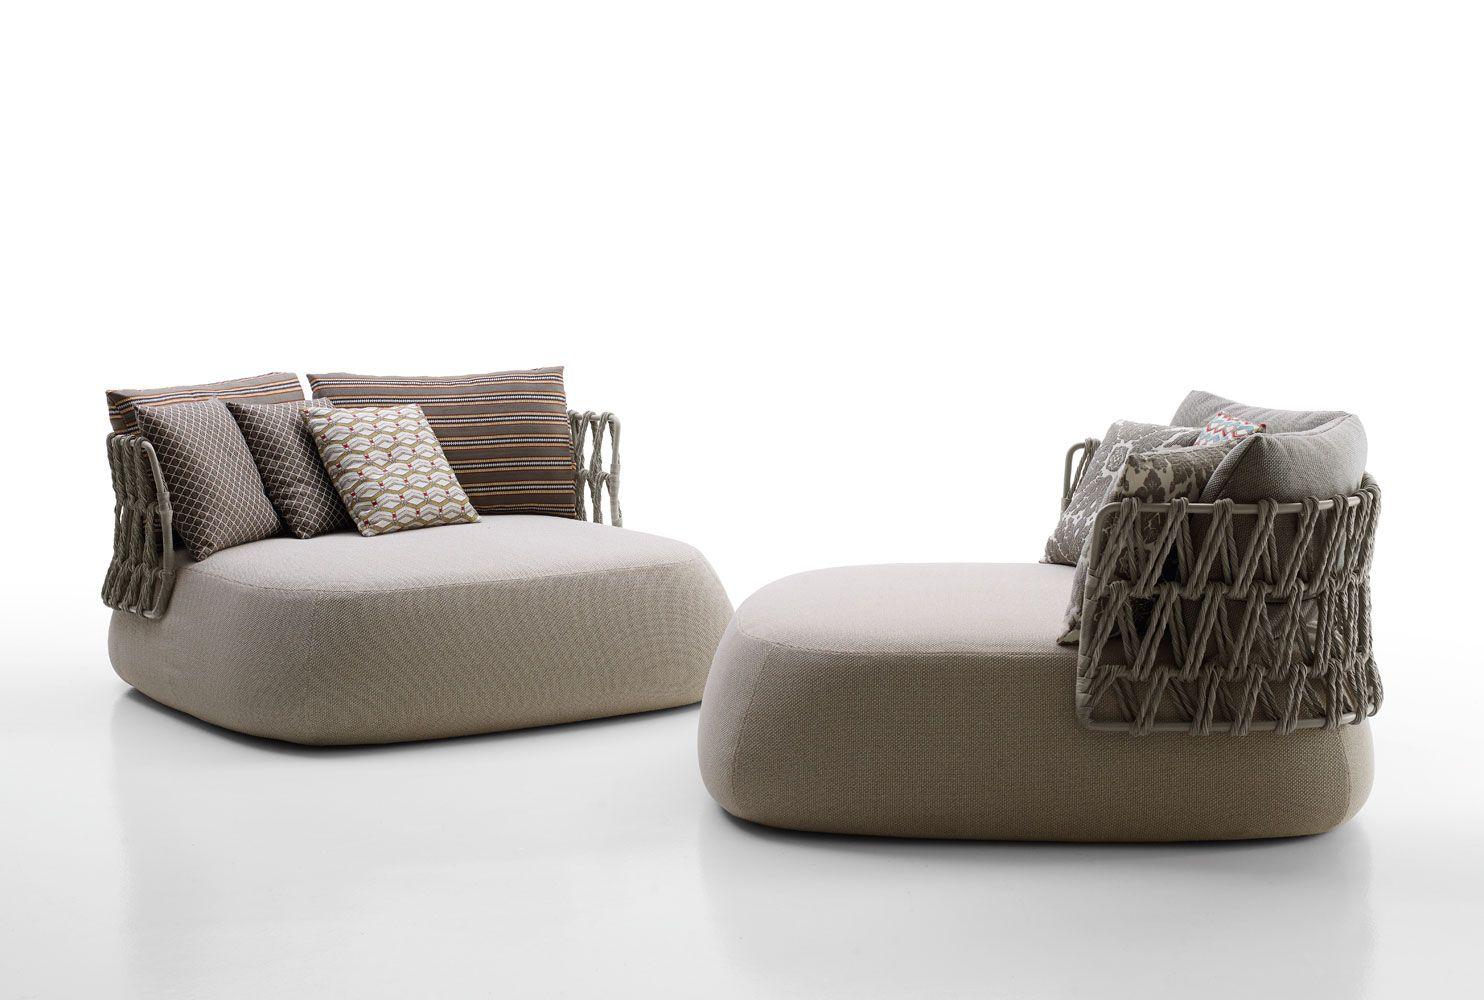 Sofas FATSOFA OUTDOOR Collection BB Italia Outdoor Design